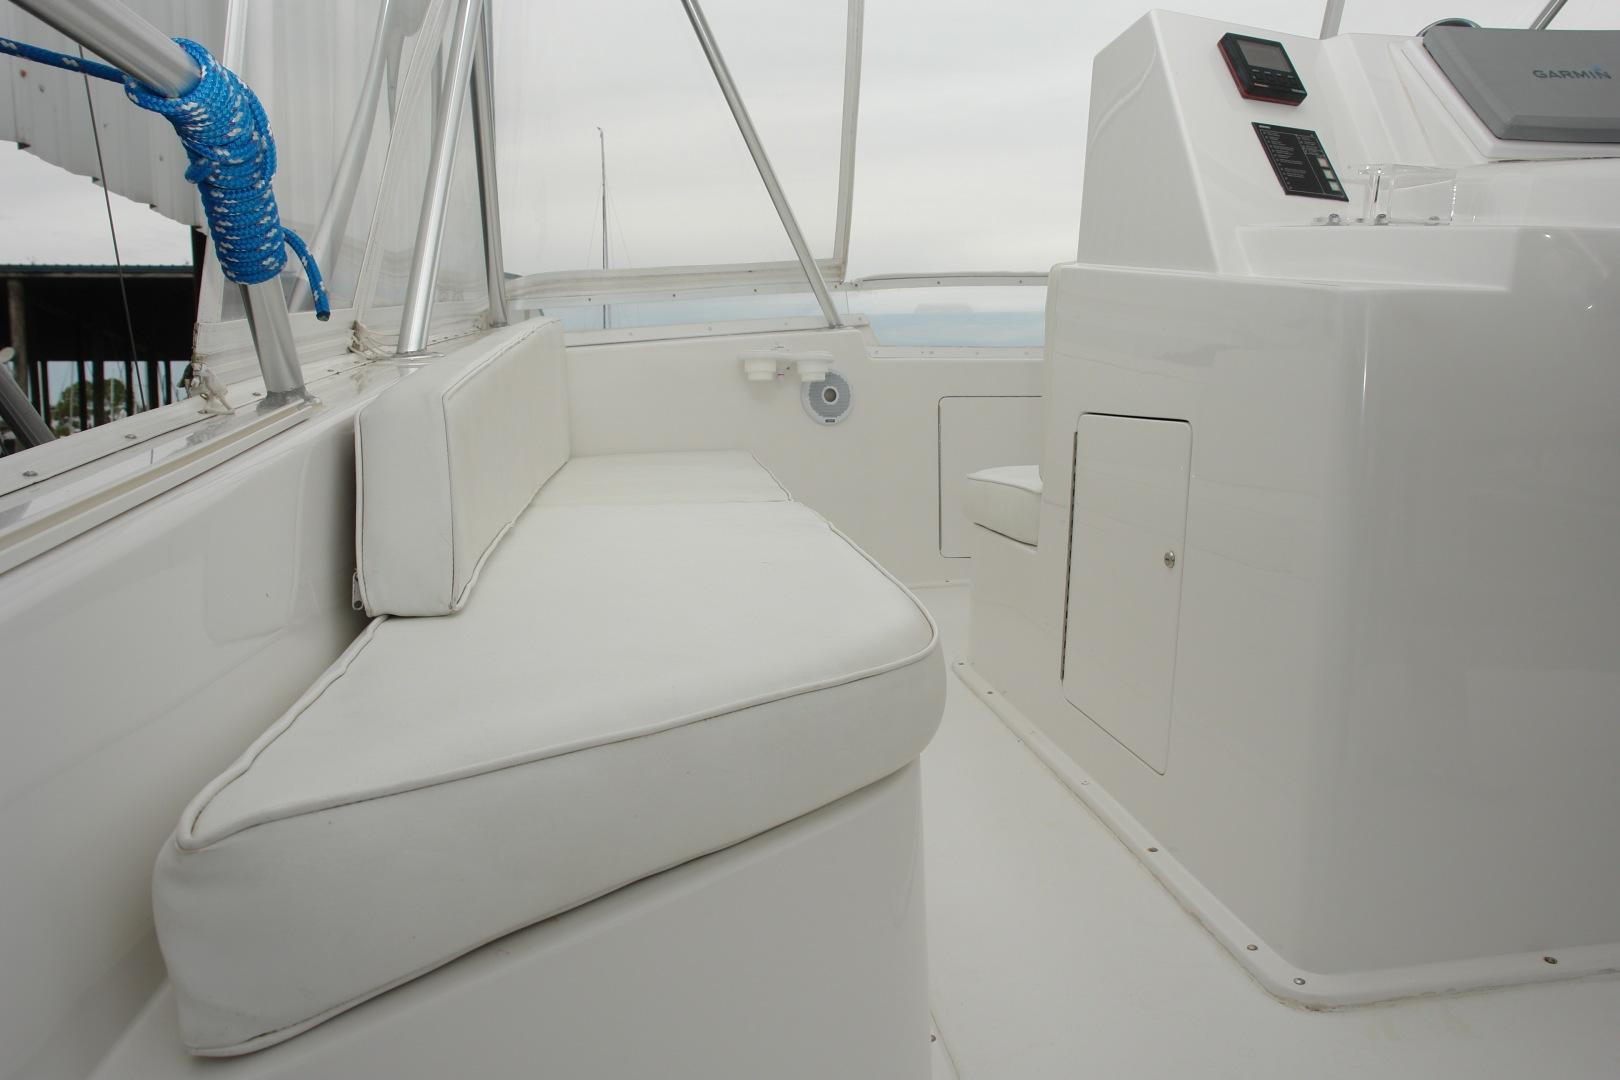 Viking-50 Convertible 2000-Knotcho Grande Seabrook-Texas-United States-Viking Convertible 2000 Knotcho Grande-1266609   Thumbnail